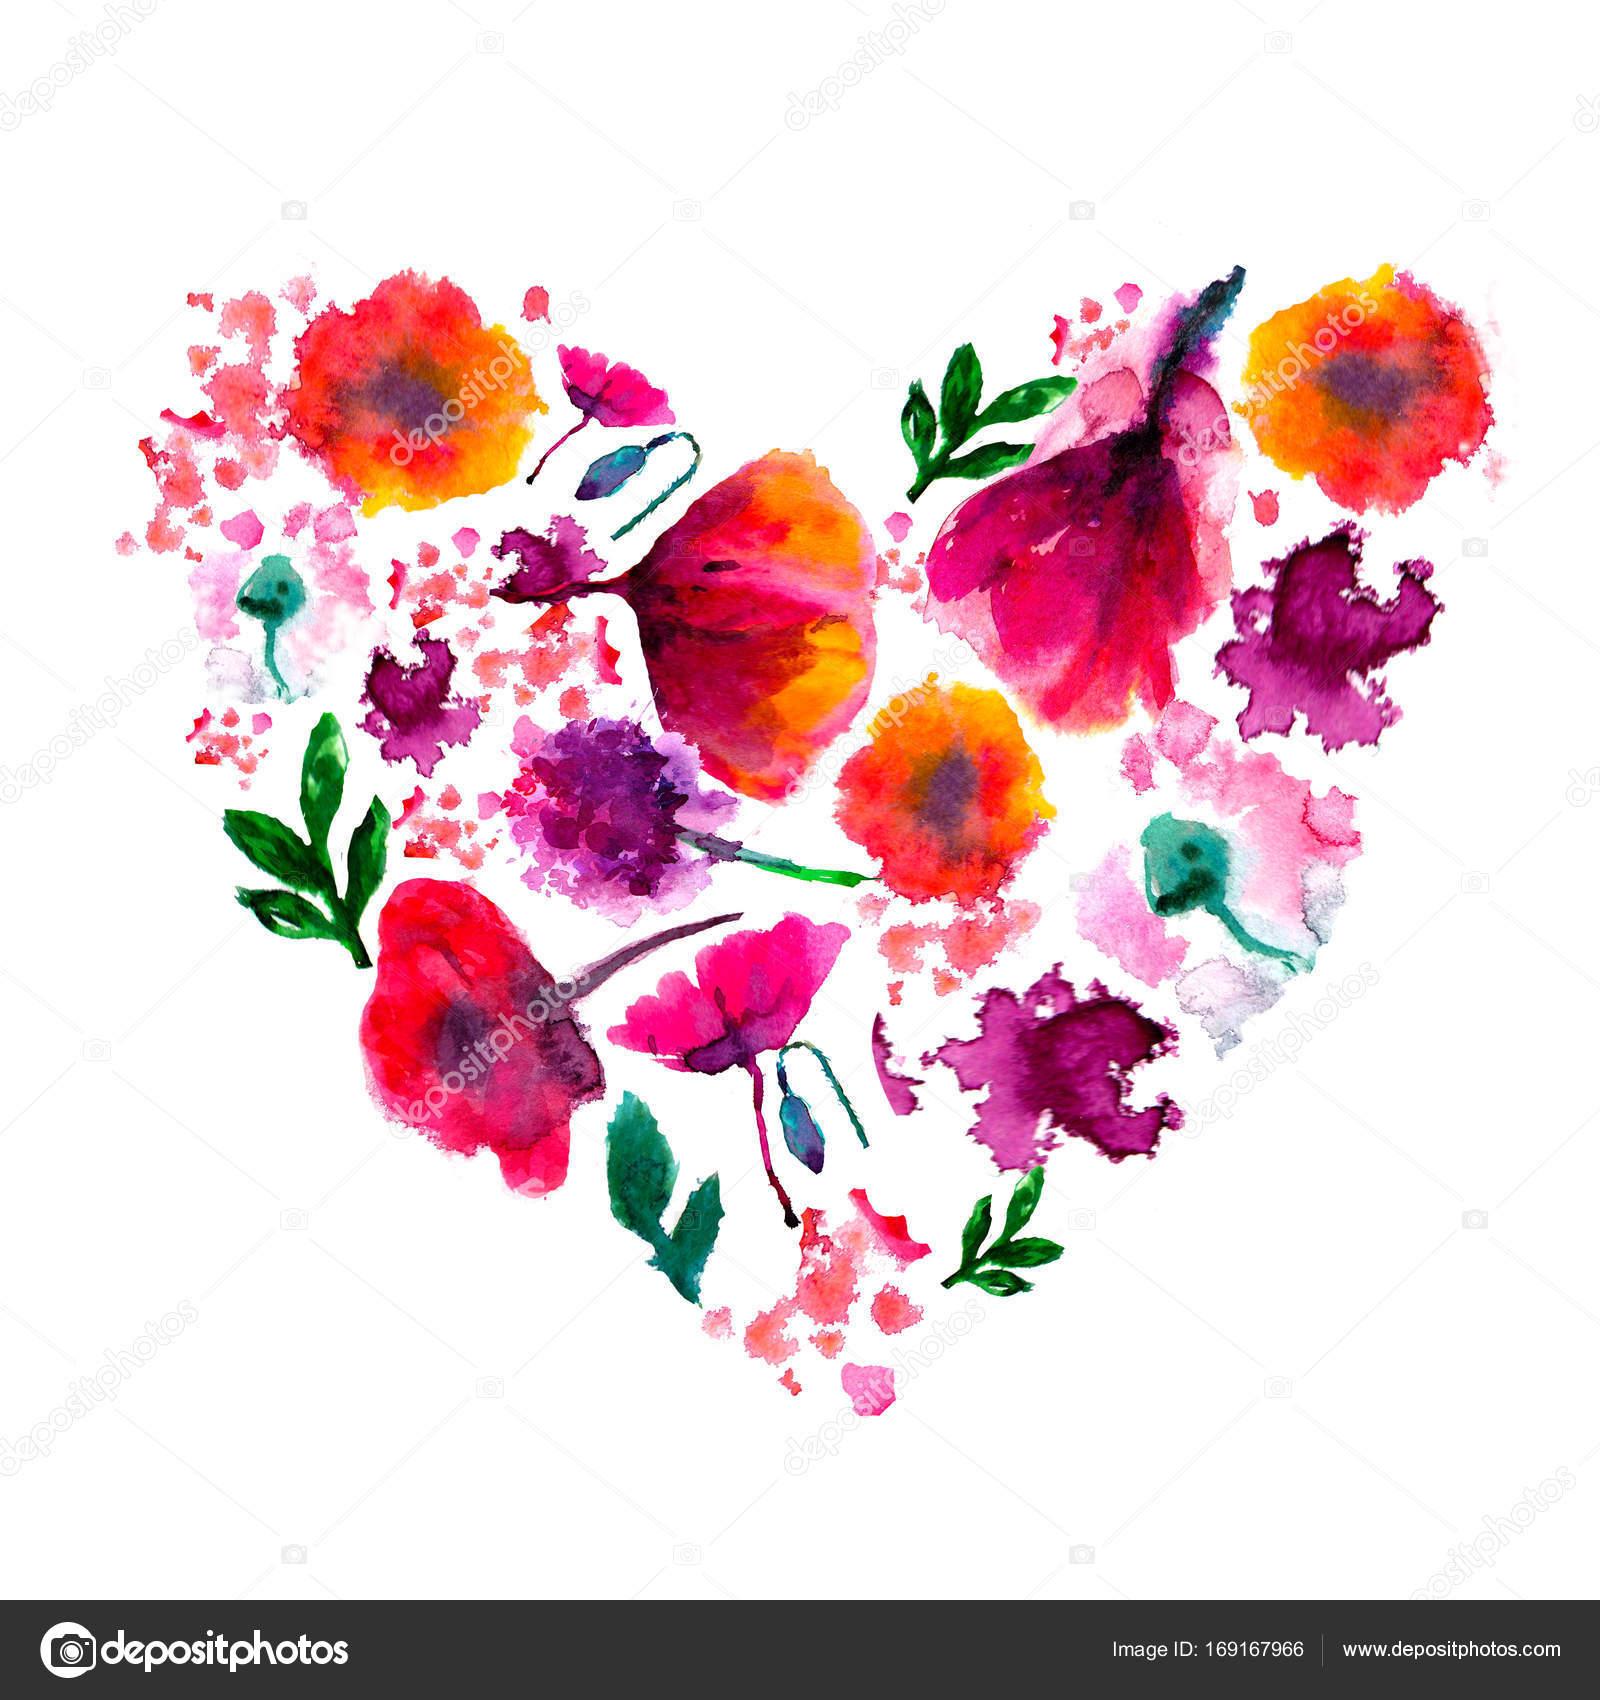 Aquarell Blume Herz gemalt Gemalten Herzen Aquarell Herz Blumen gemacht Perfekte Valentinstag